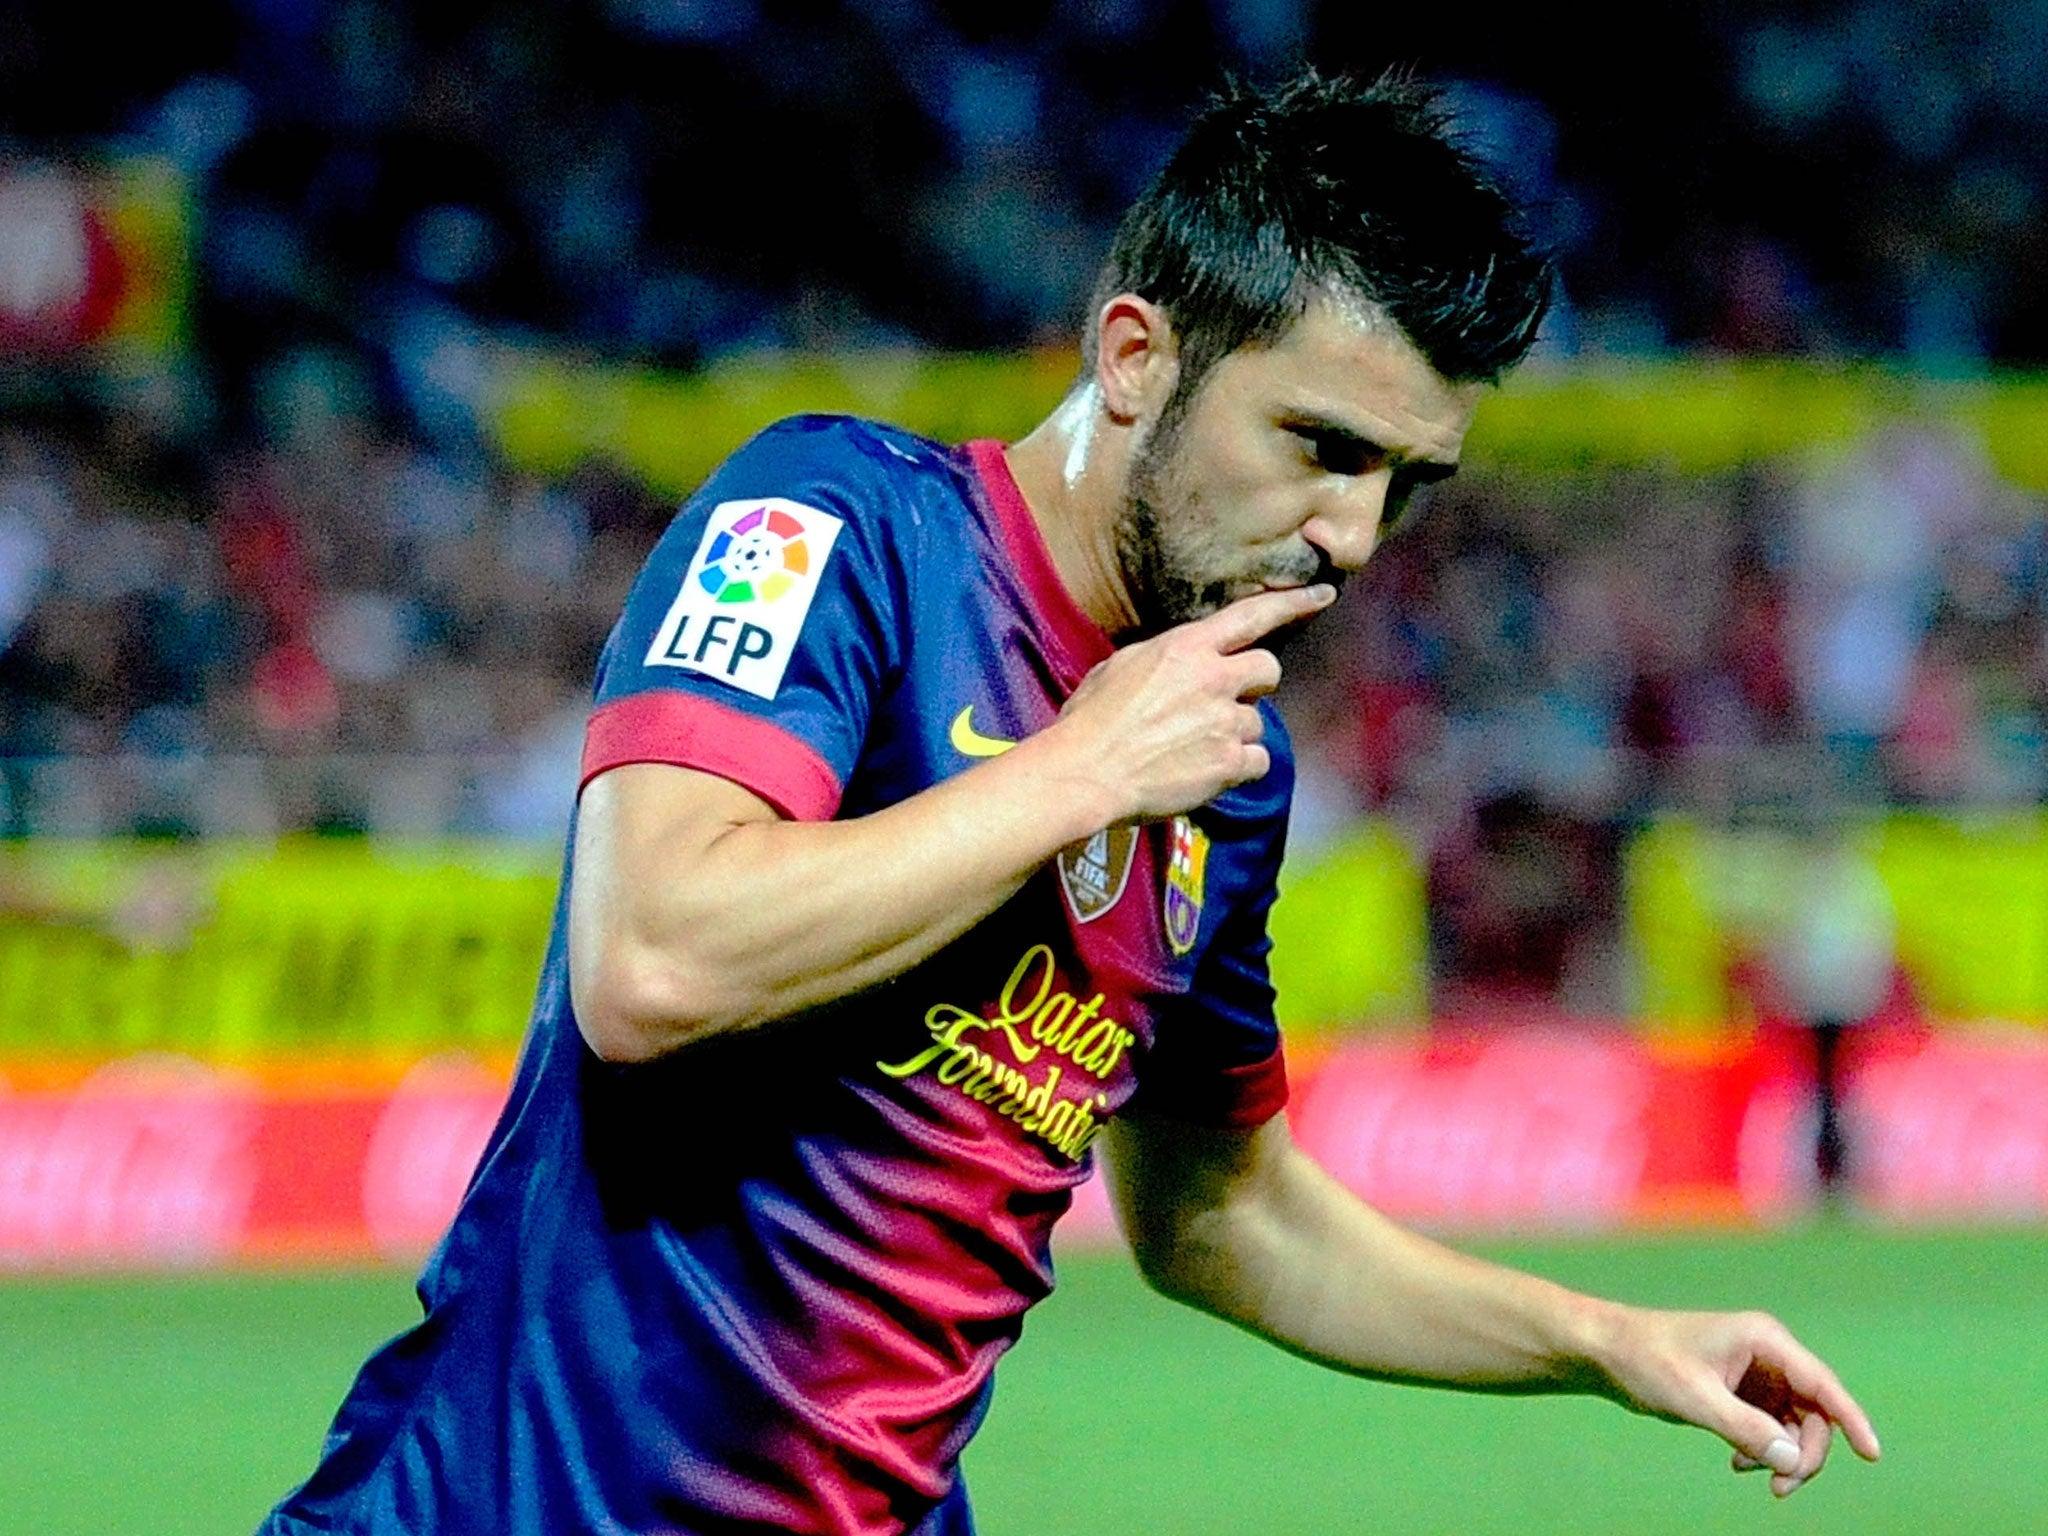 Barcelona striker David Villa delays making decision over future